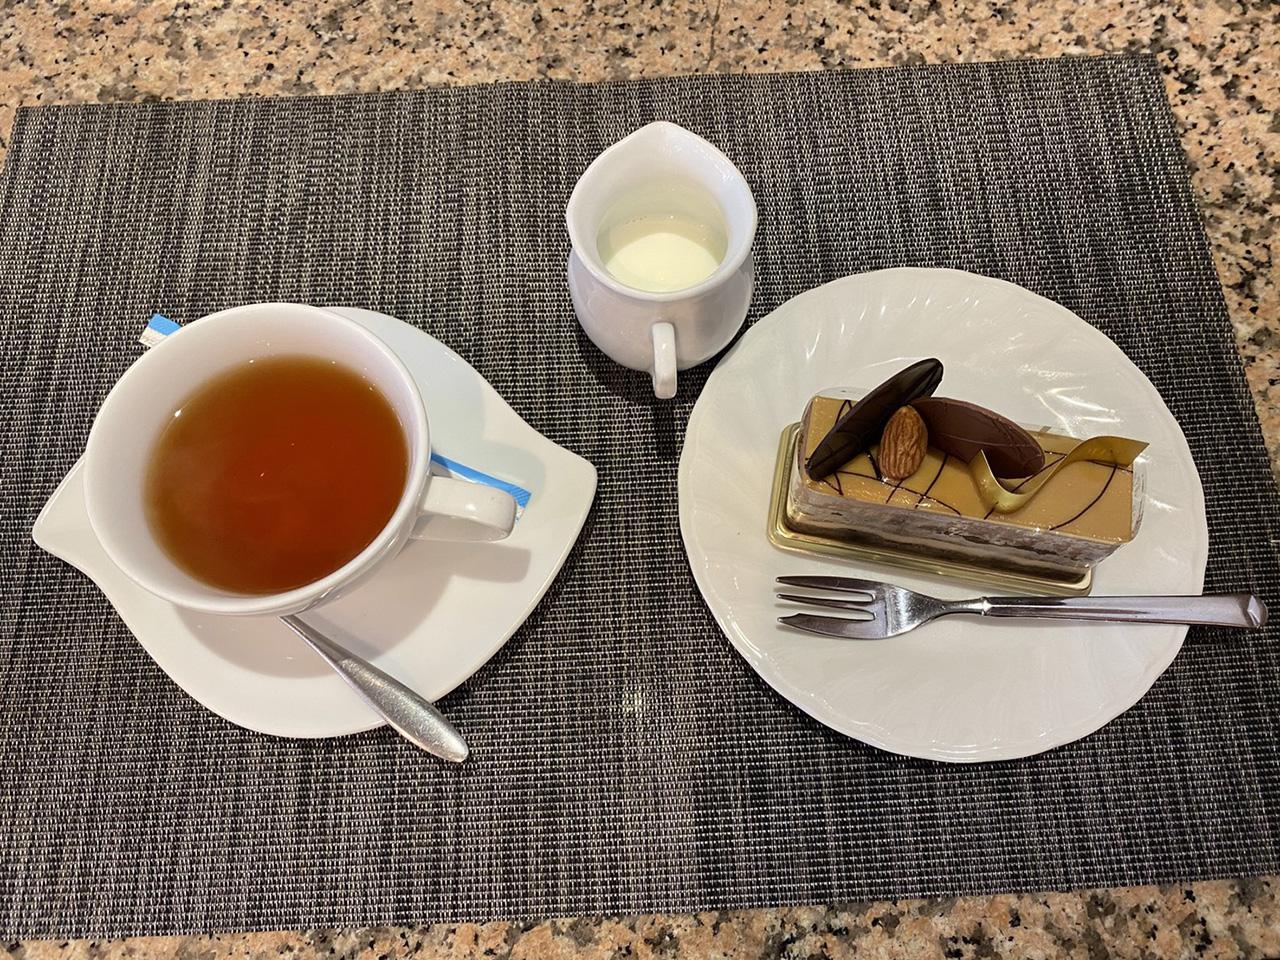 紅茶とケーキの写真